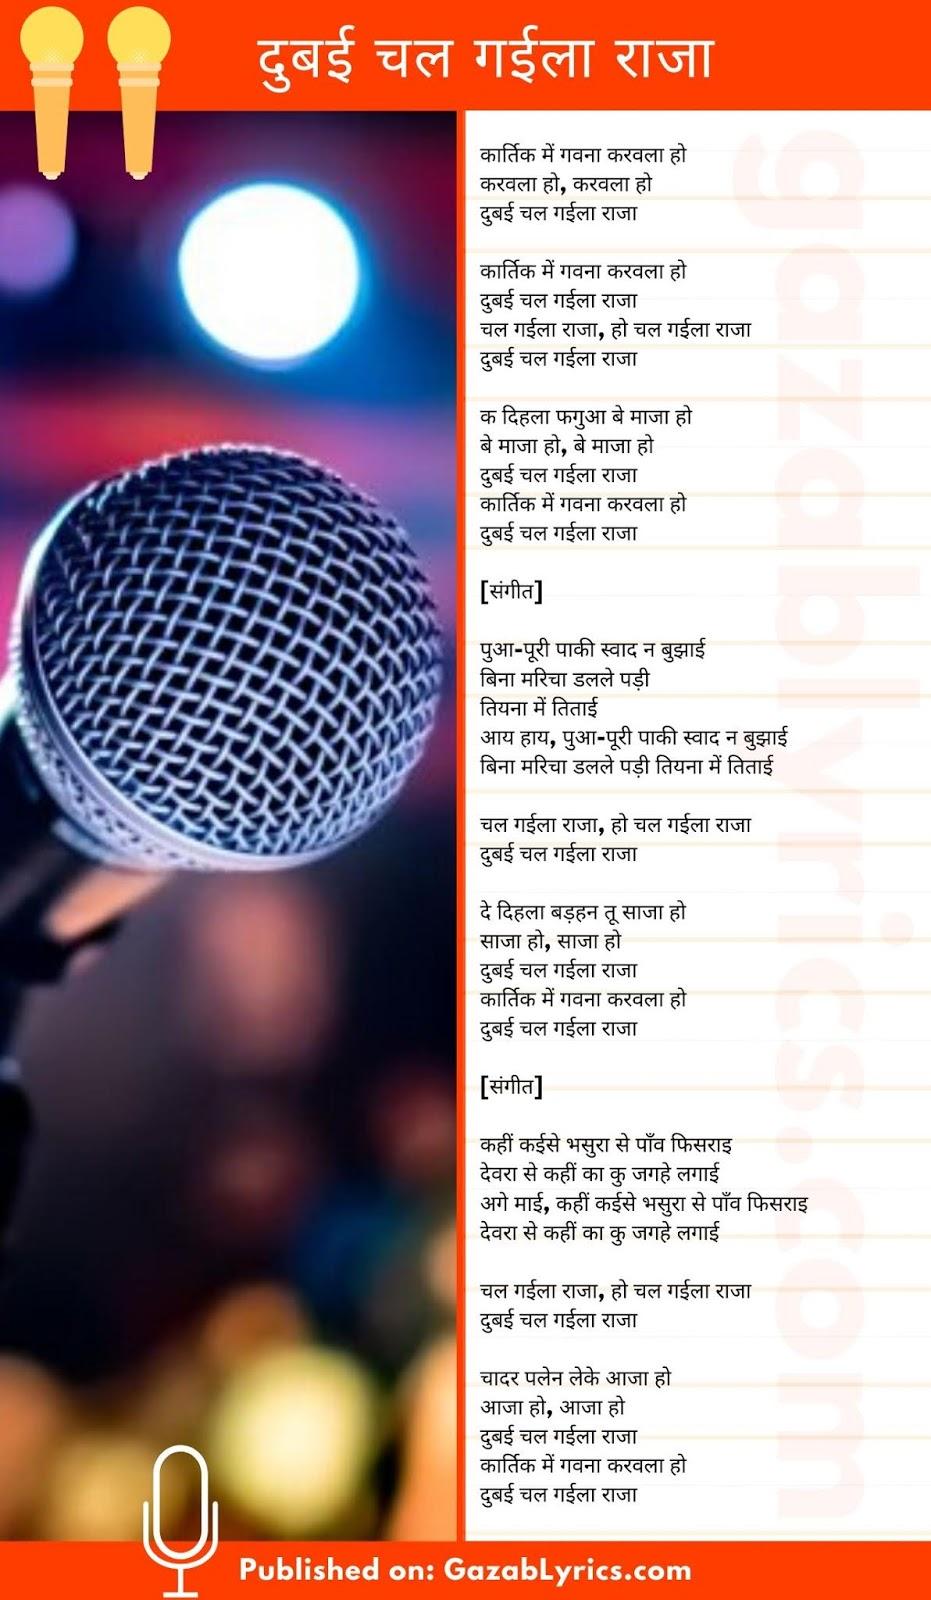 Dubai Chal Gayila Raja song lyrics image